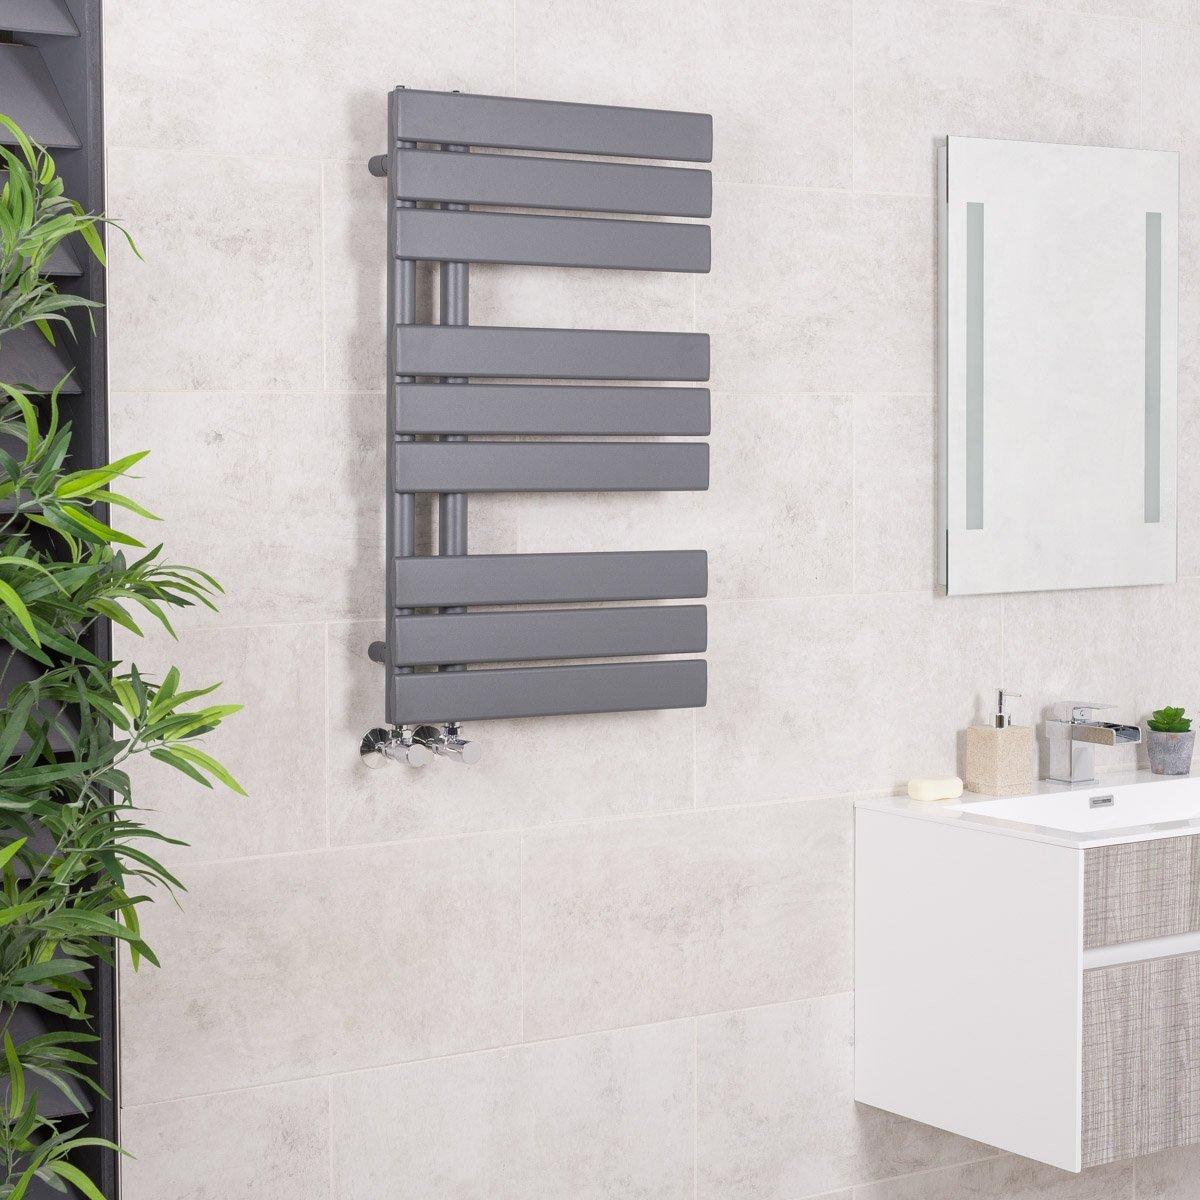 Sè che-serviettes radiateur plat design eau chaude 598 Watts 1124 x 500 Gris - Salle de bains WarmeHaus